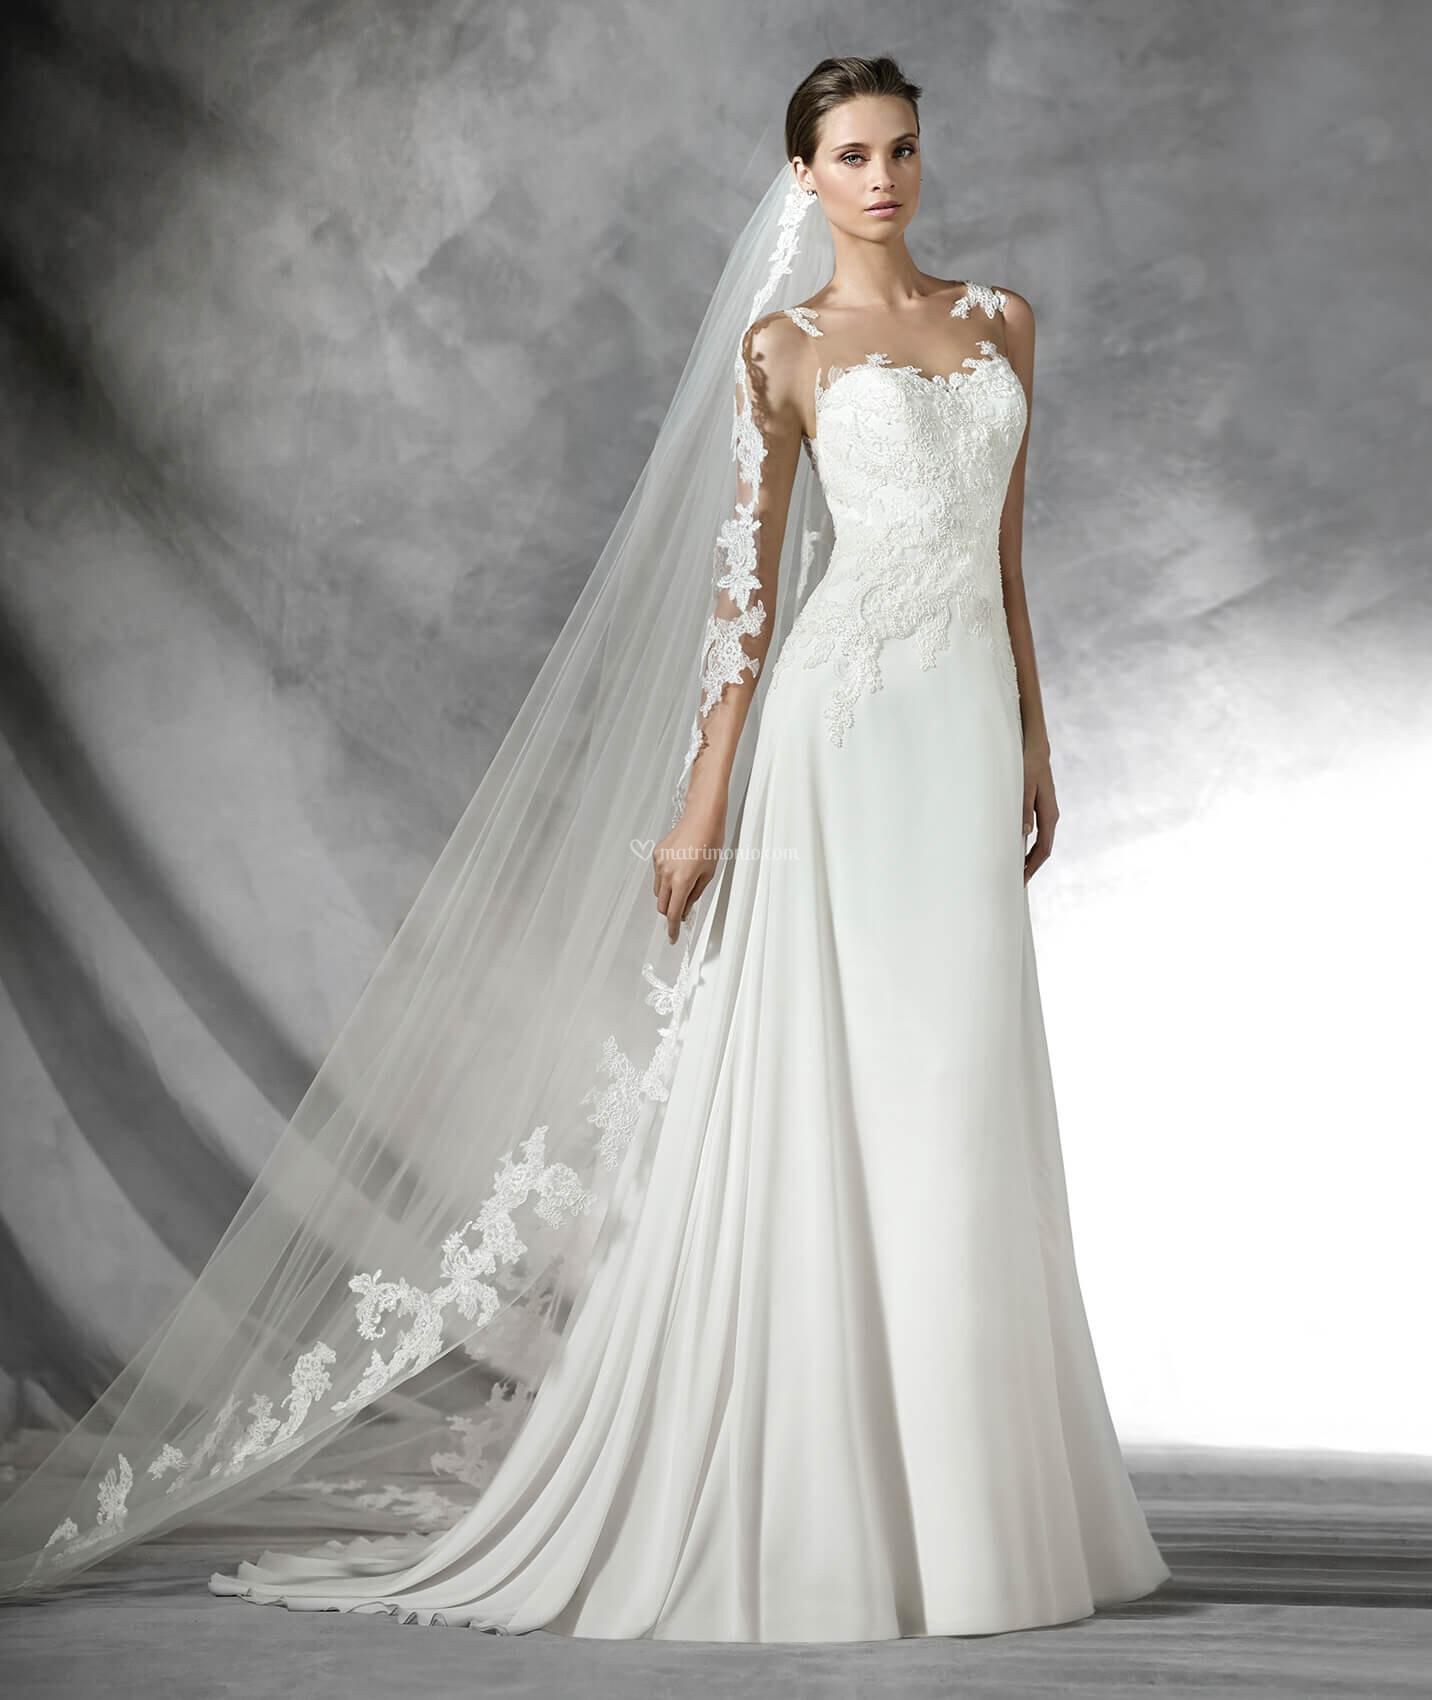 8555b81bf00b Abiti da Sposa di Pronovias - 2017 - Matrimonio.com